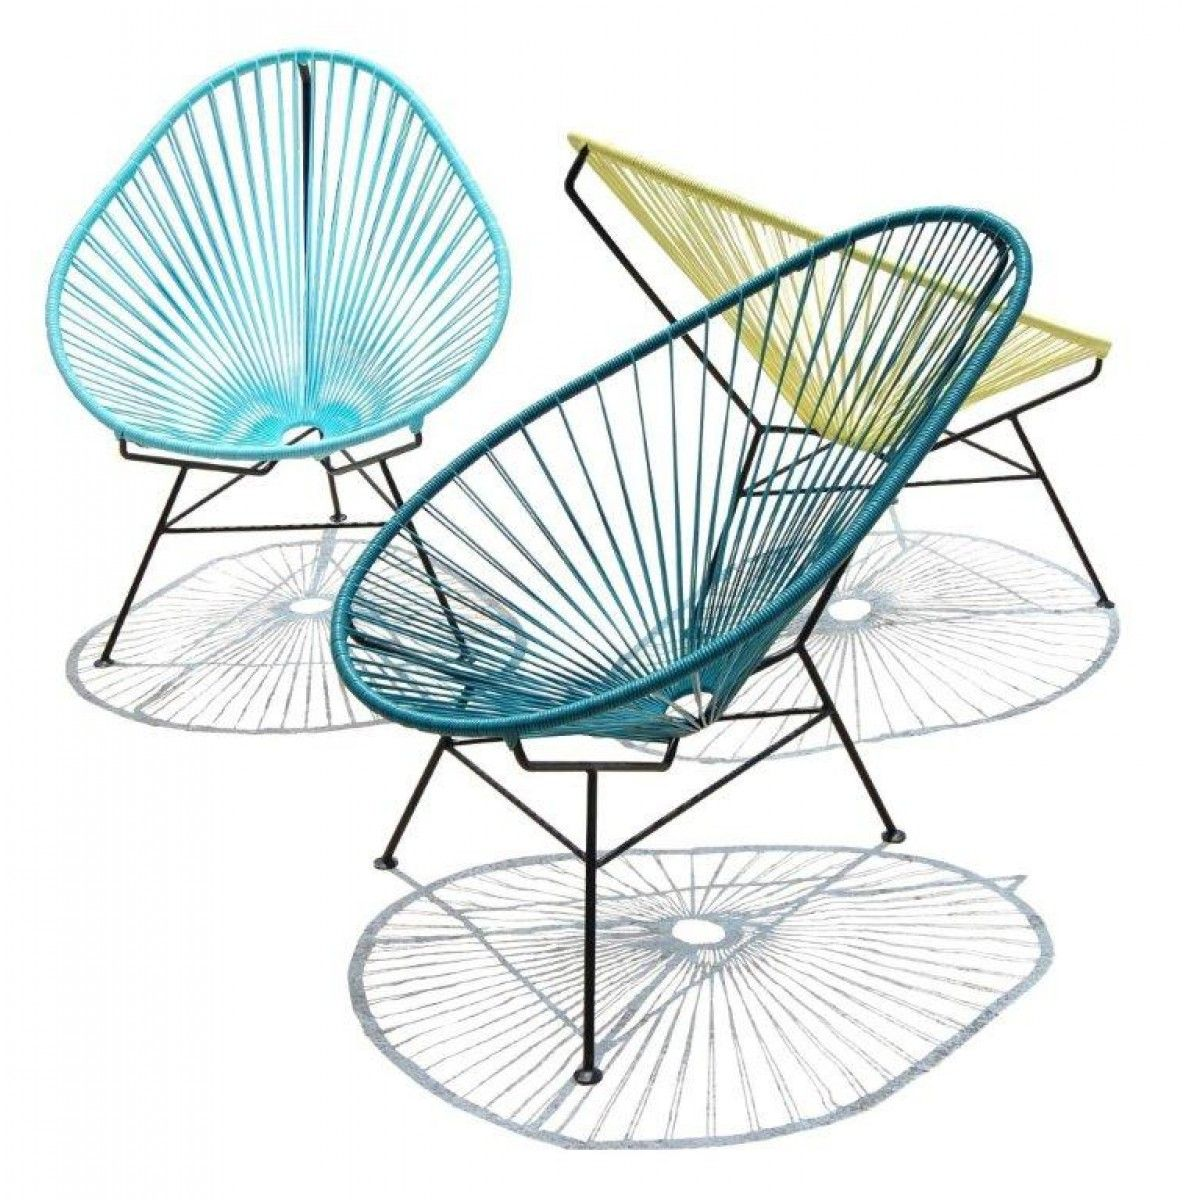 acapulco chair stuhl ok design - einrichten-design.de | chairs, Möbel